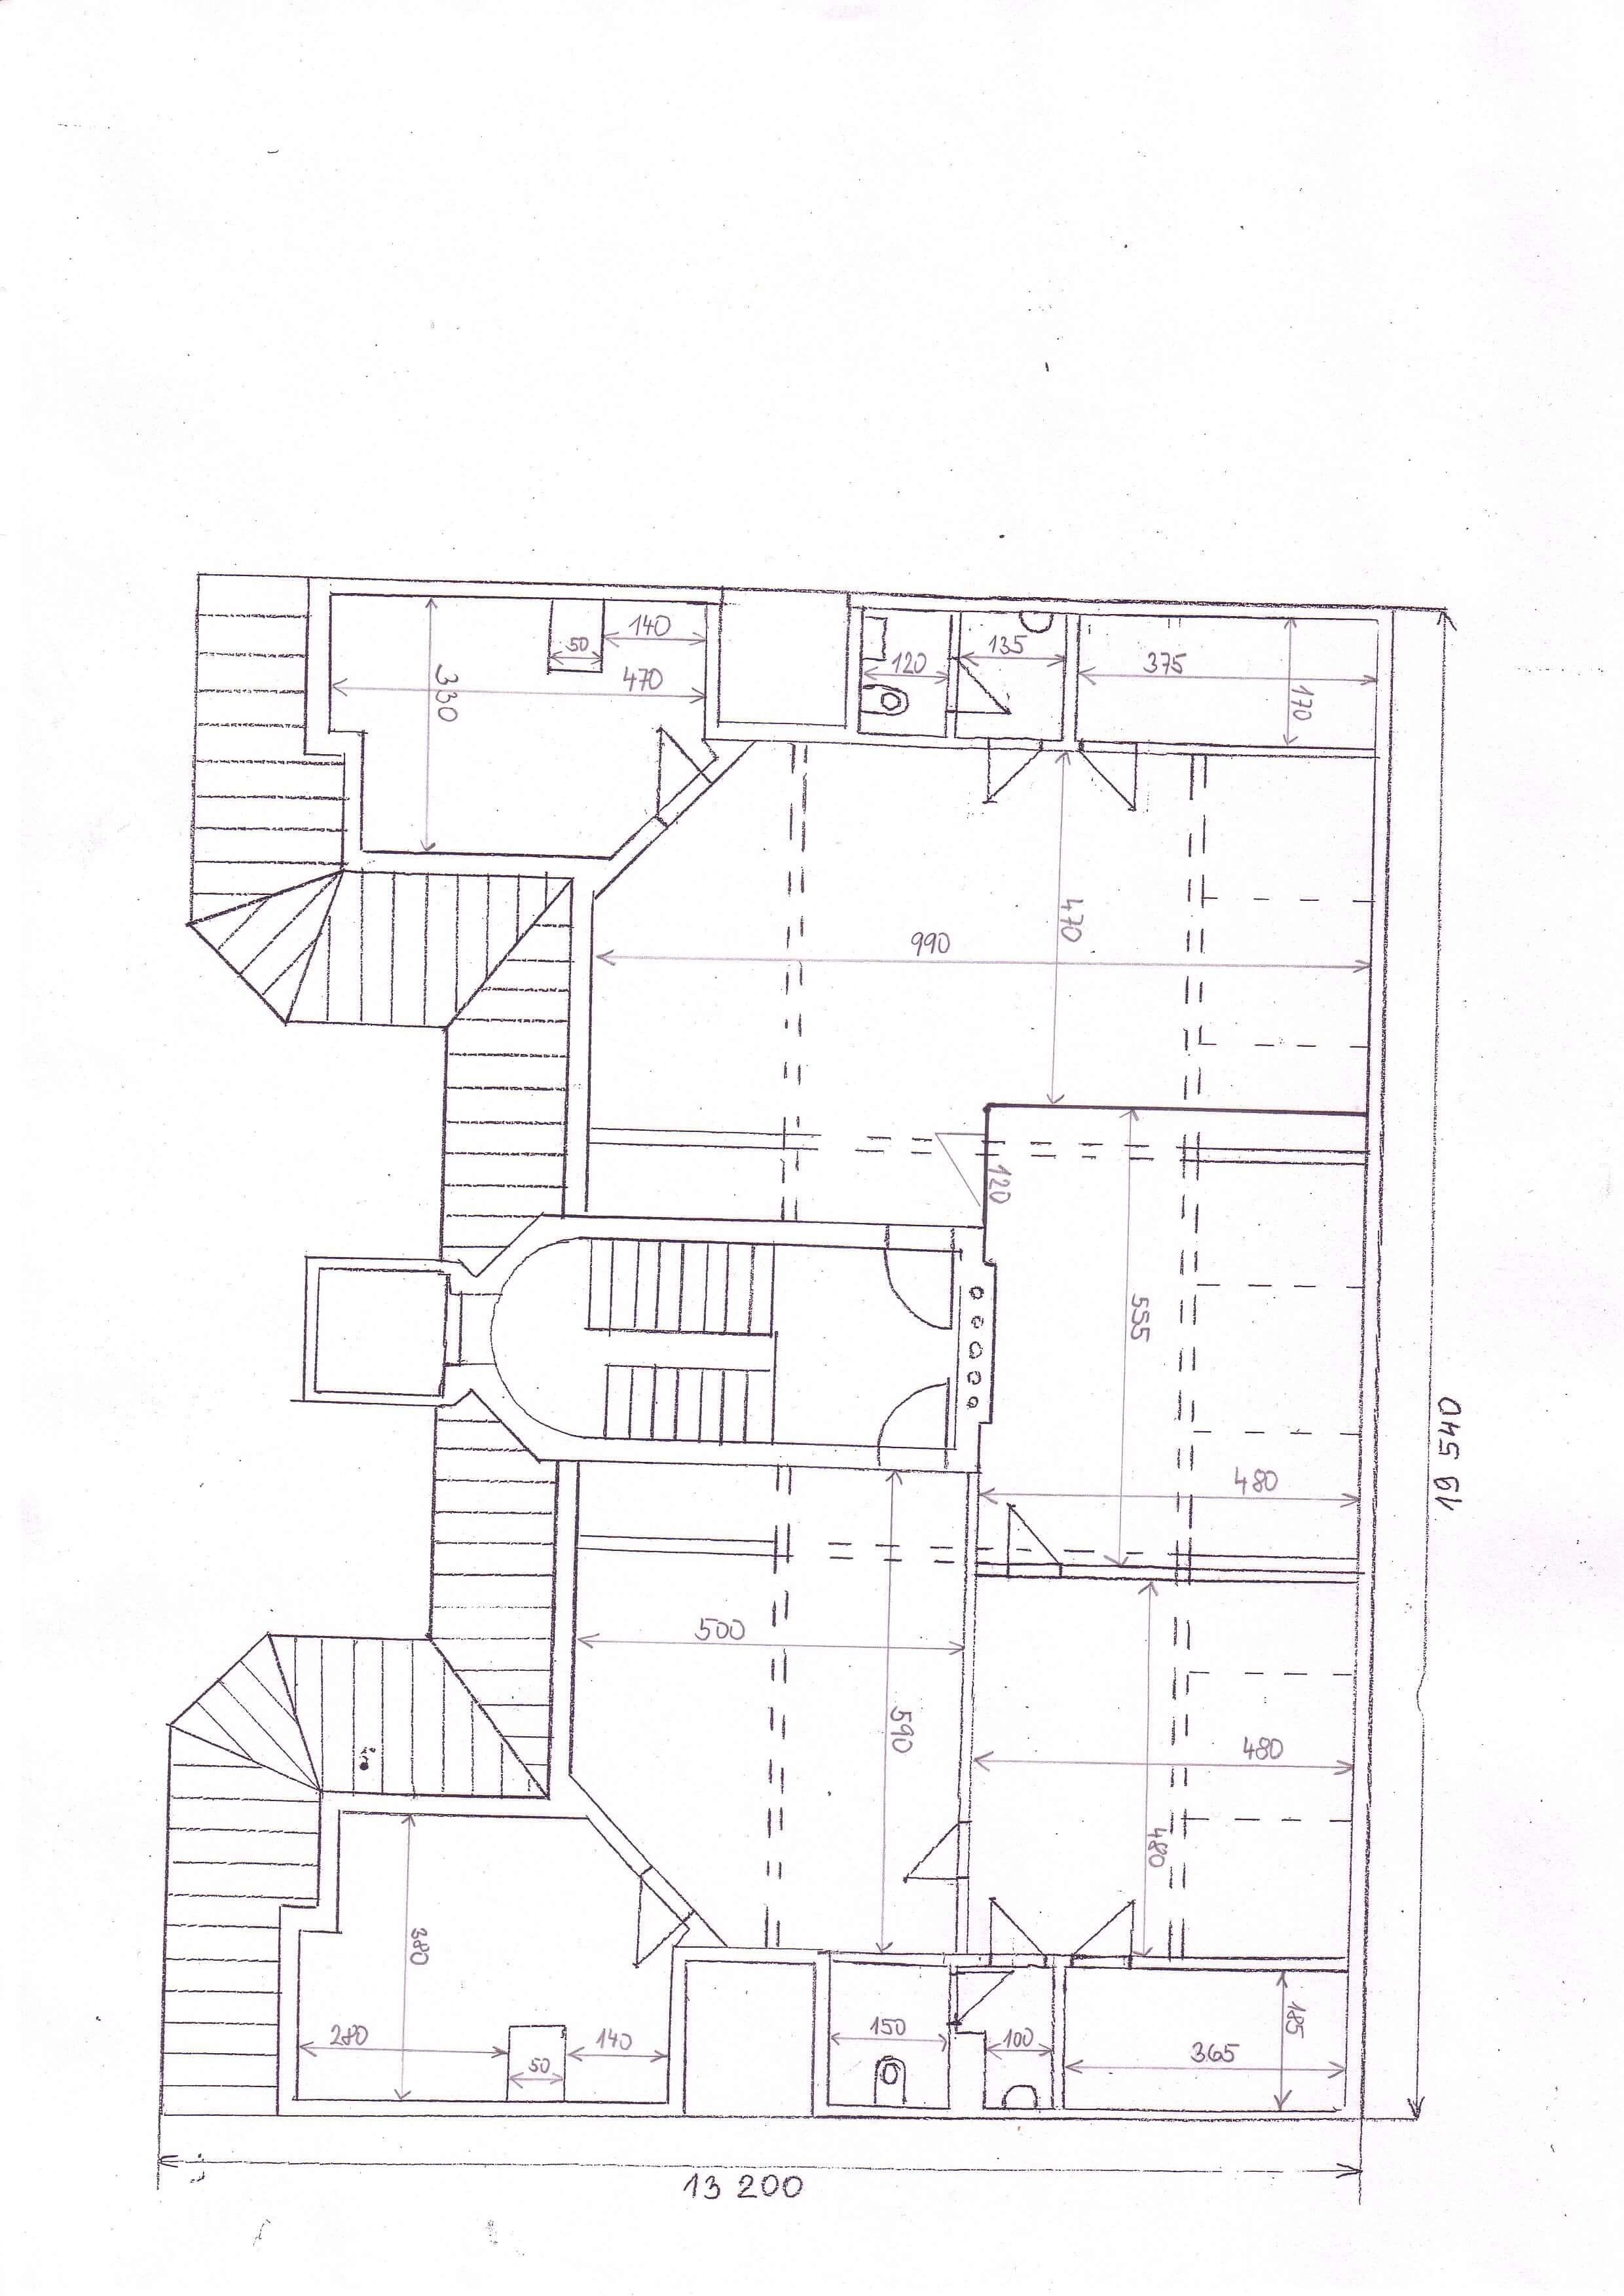 Prenajaté: Prenájom kancelárskych priestorov, Grösslingová 51, Bratislava-9